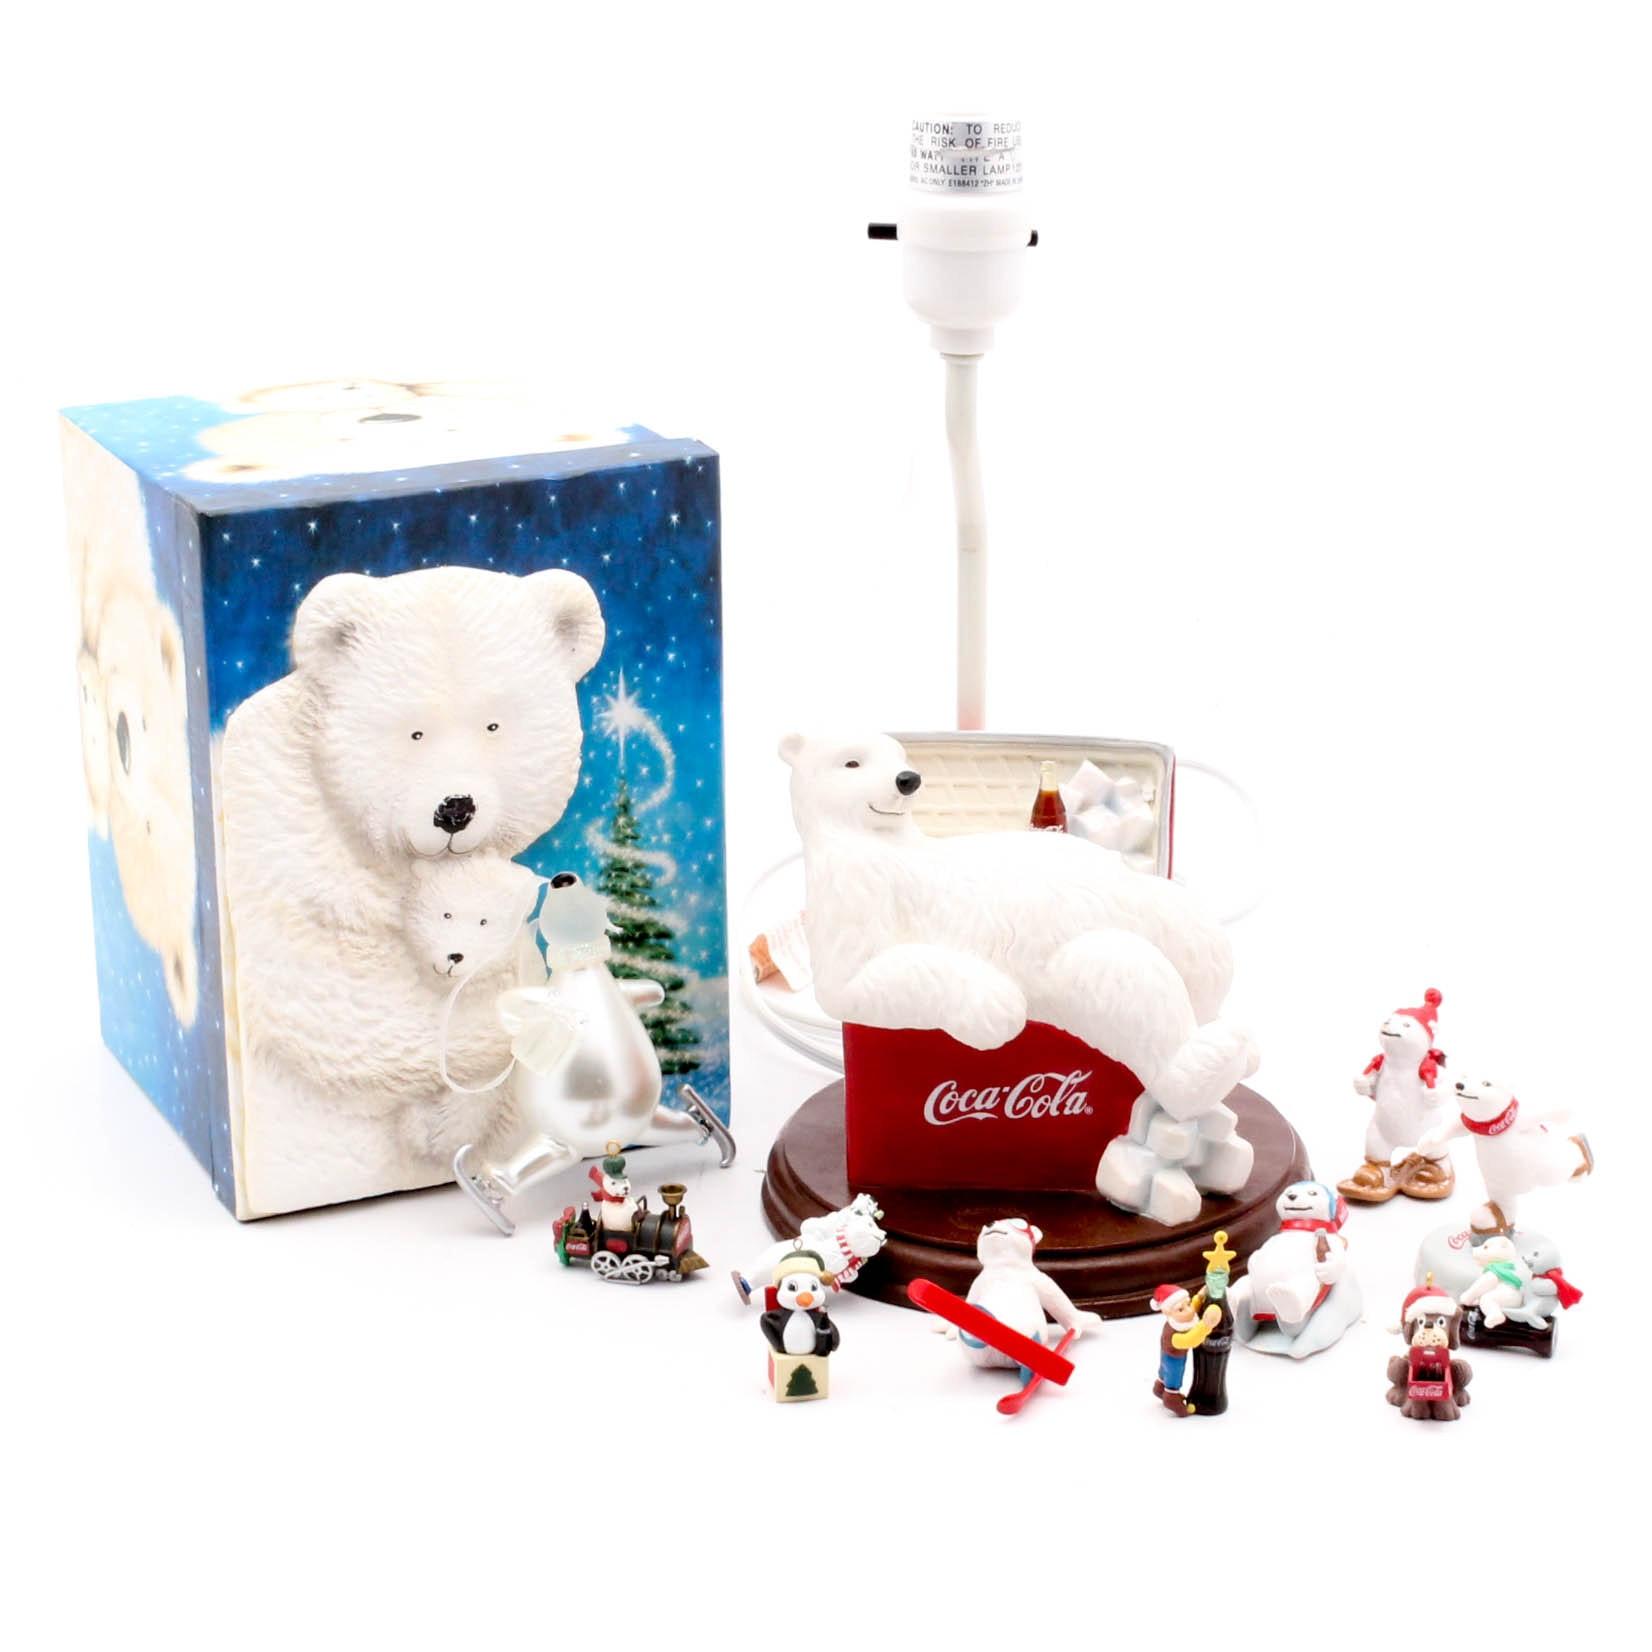 Coca Cola Polar Bear Themed Desk Lamp and Collectibles